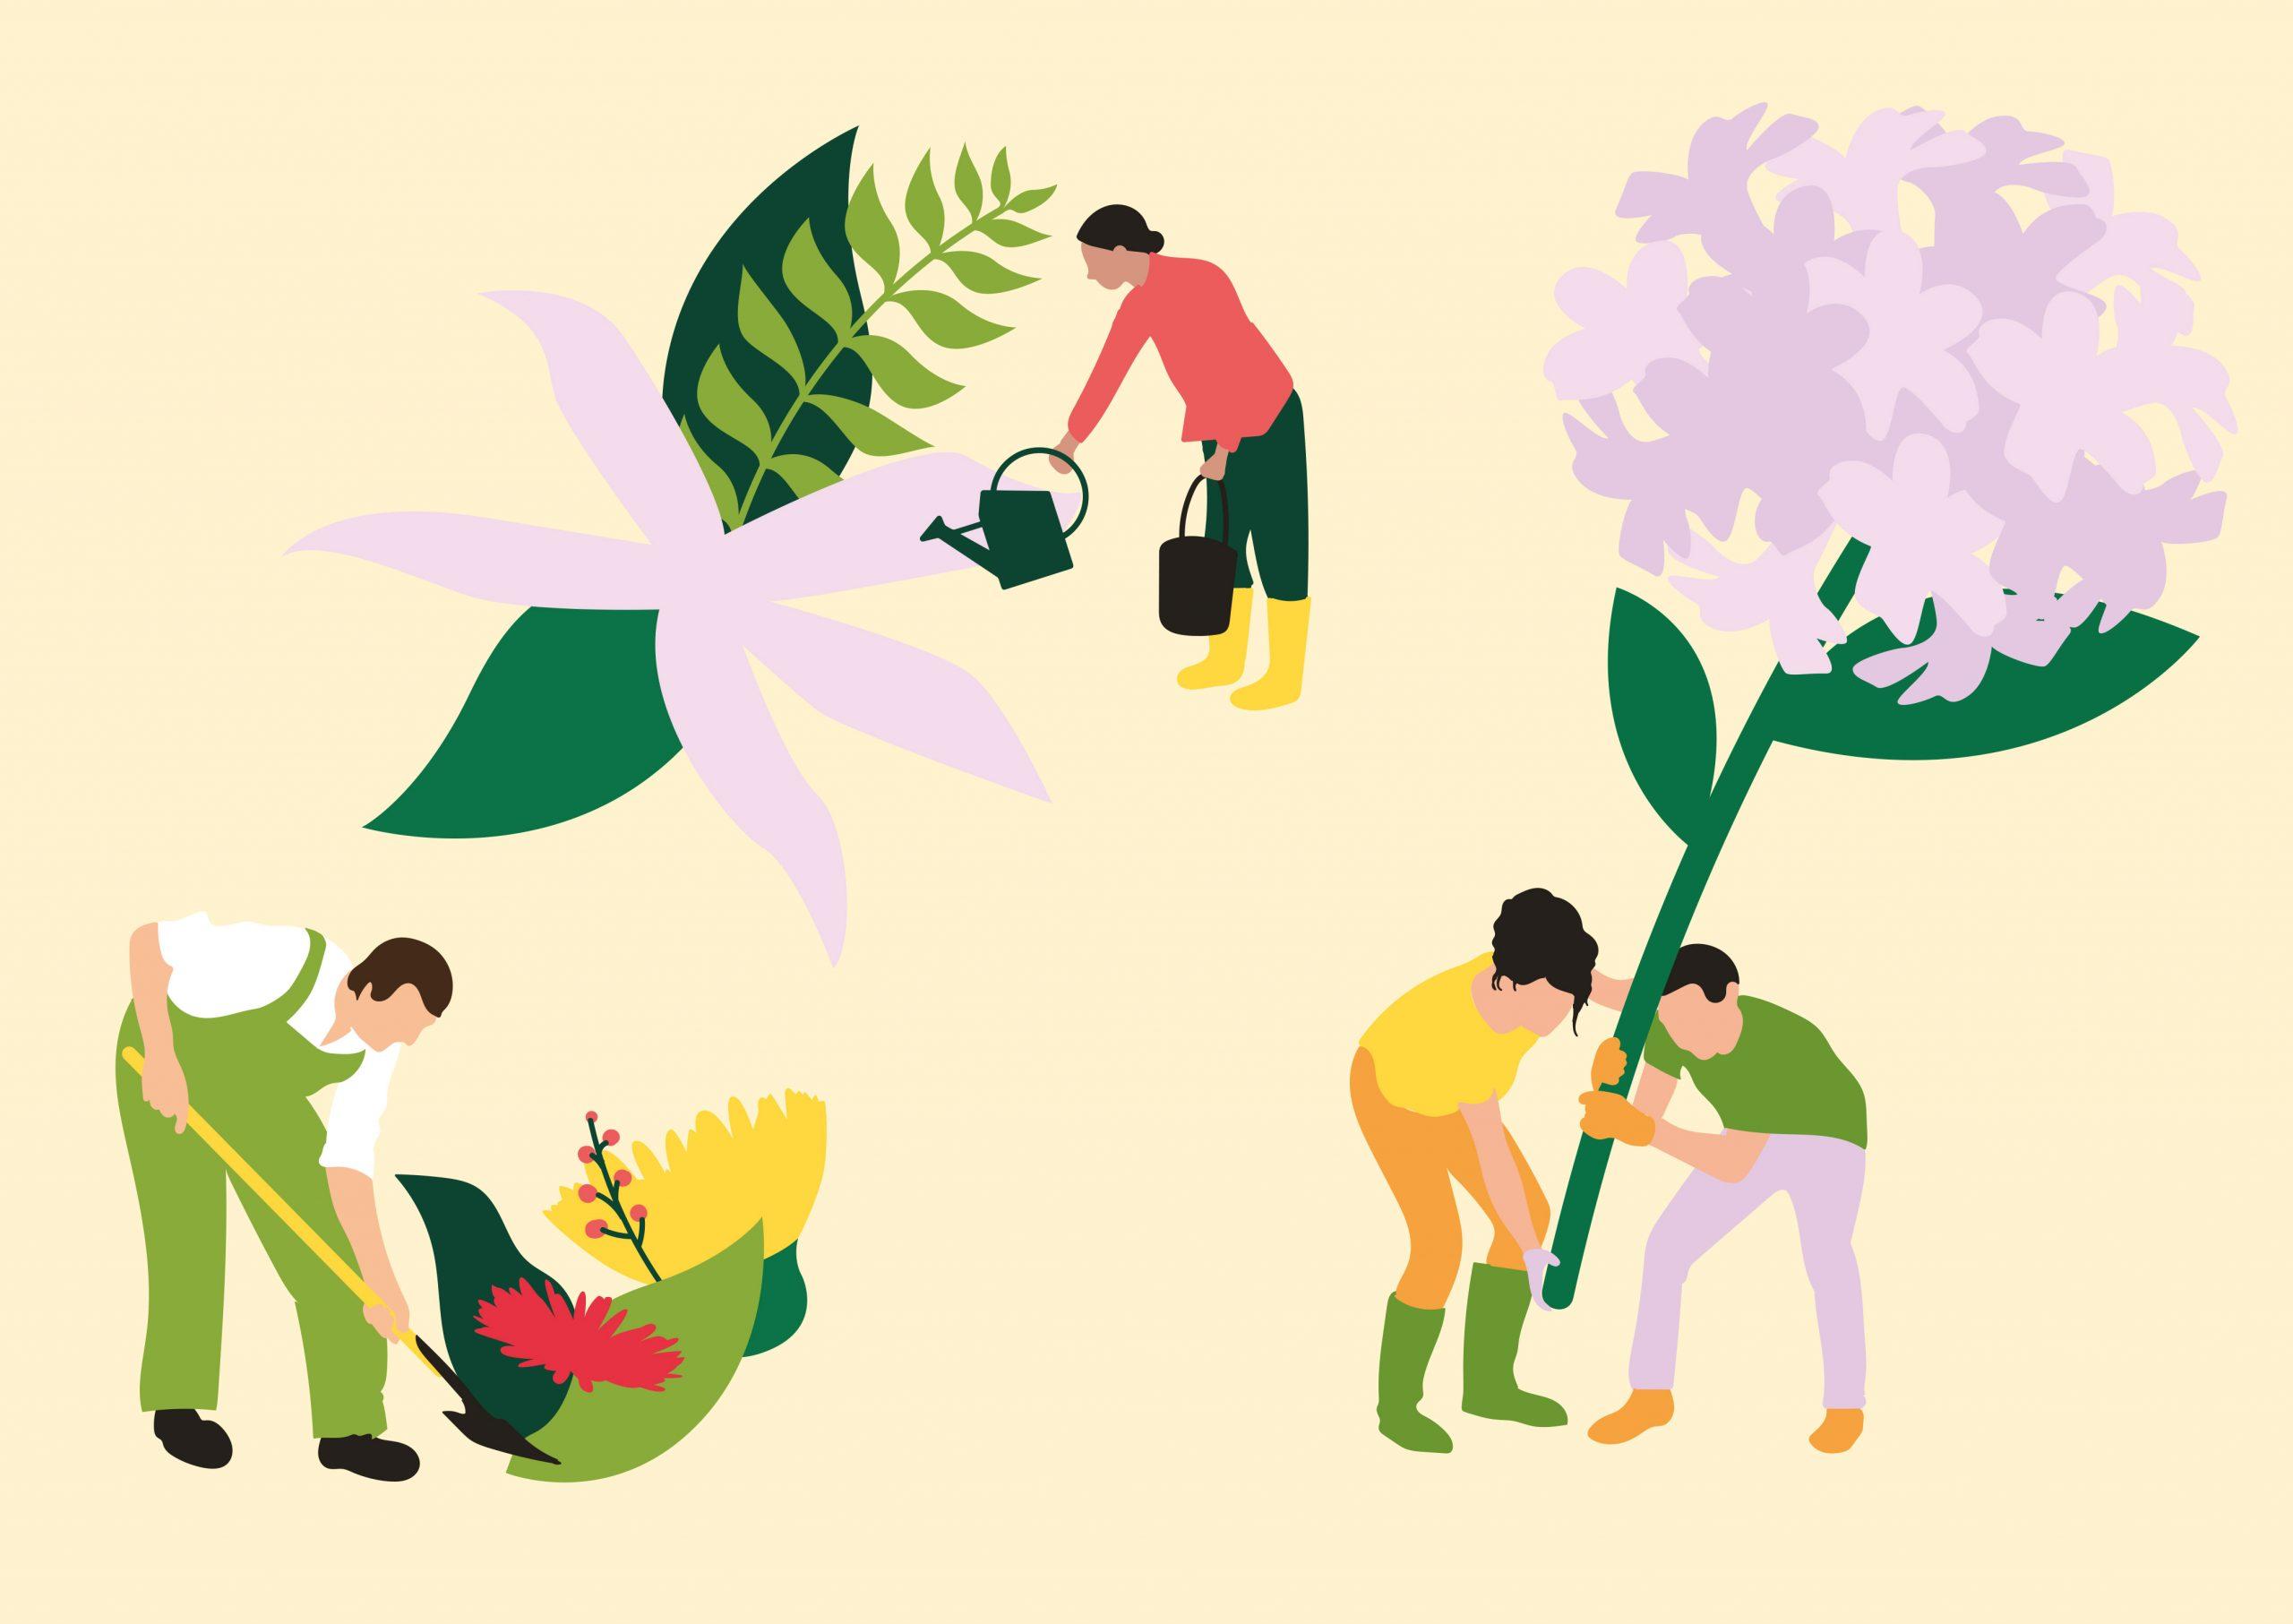 CNVVF villes villages fleuris illustration jardinage